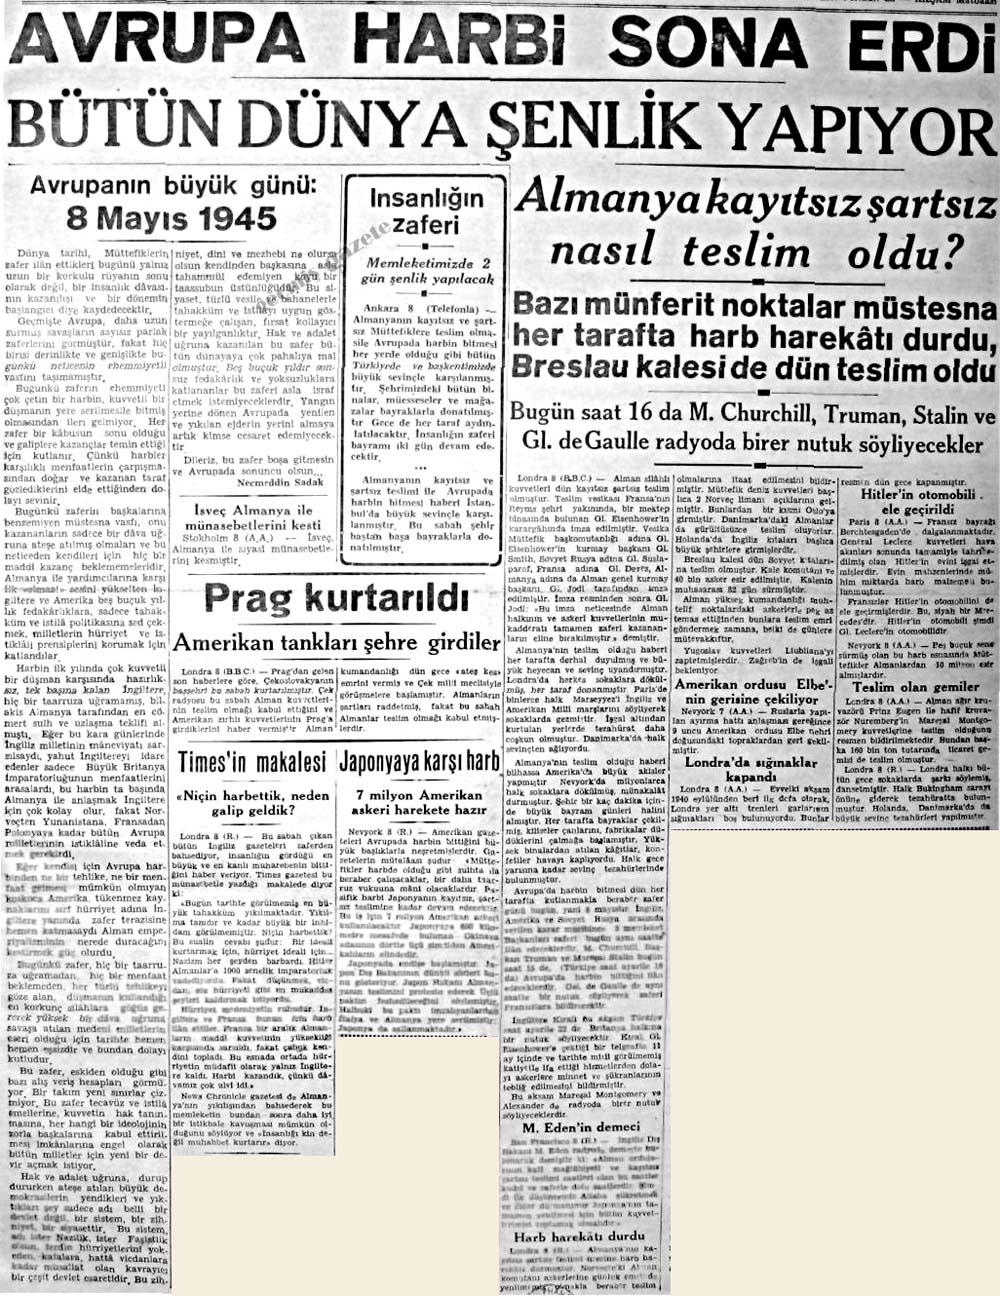 Avrupanın büyük günü: 8 Mayıs 1945